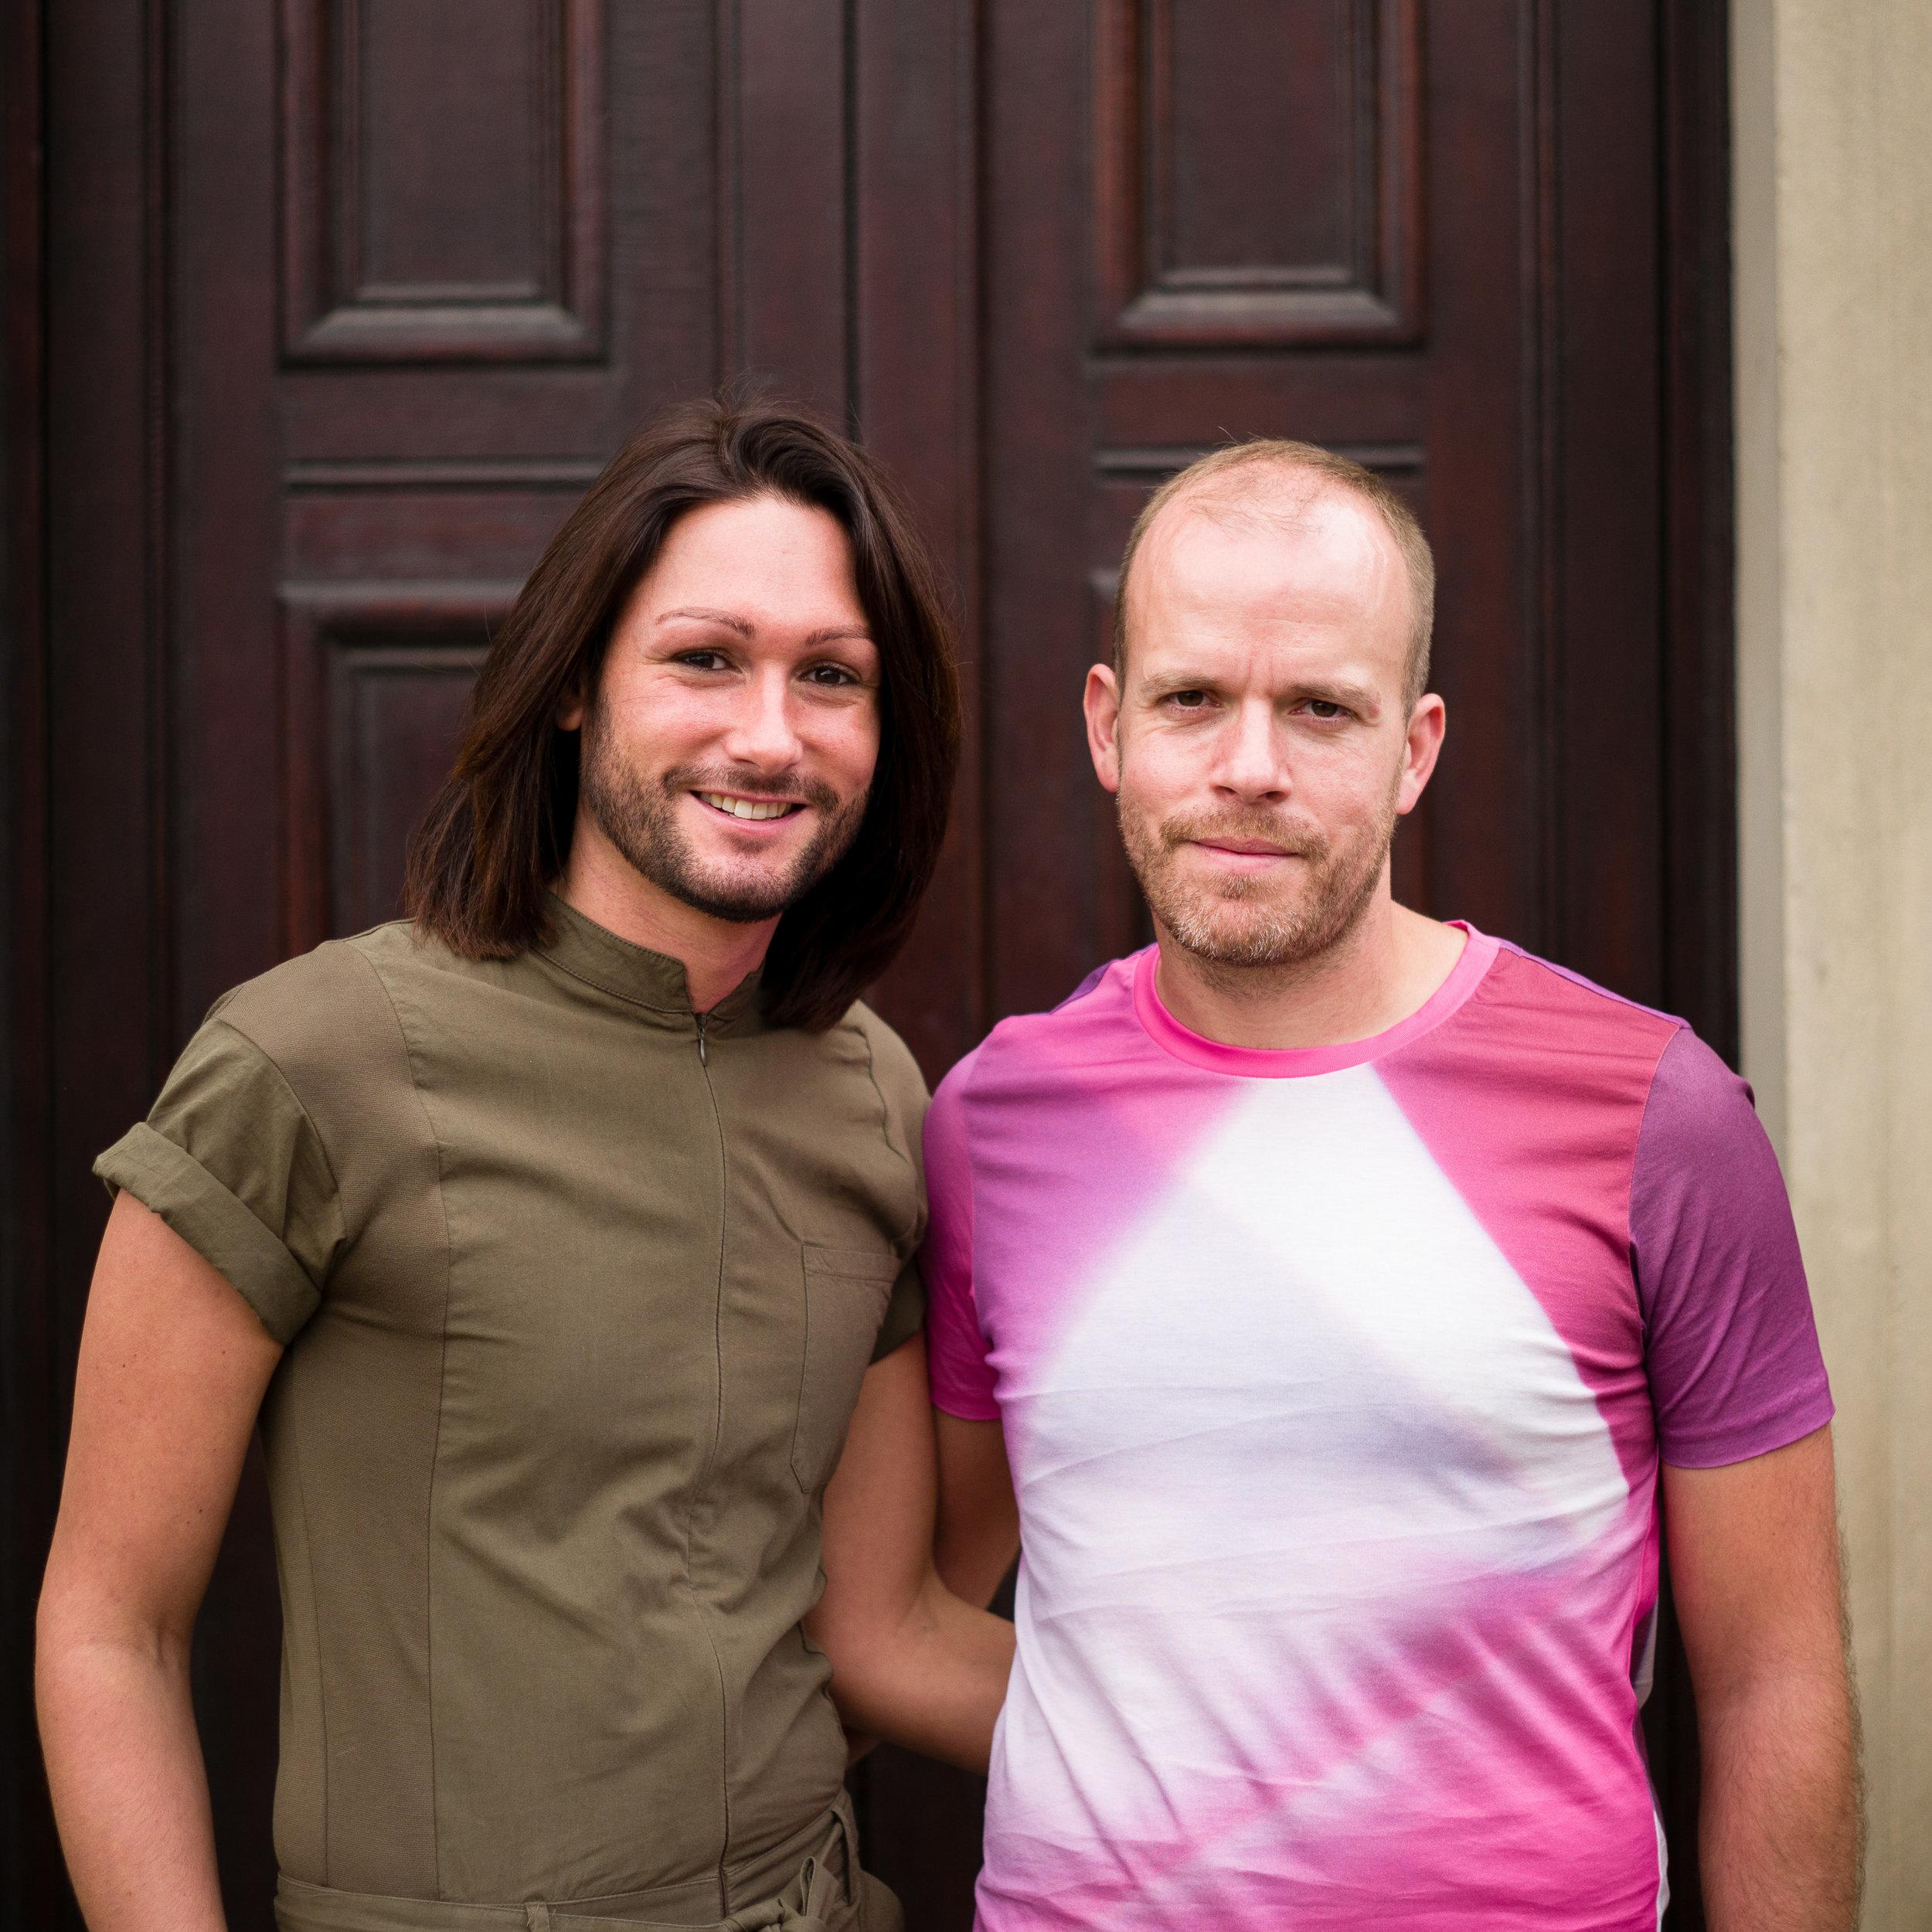 Shaun & David